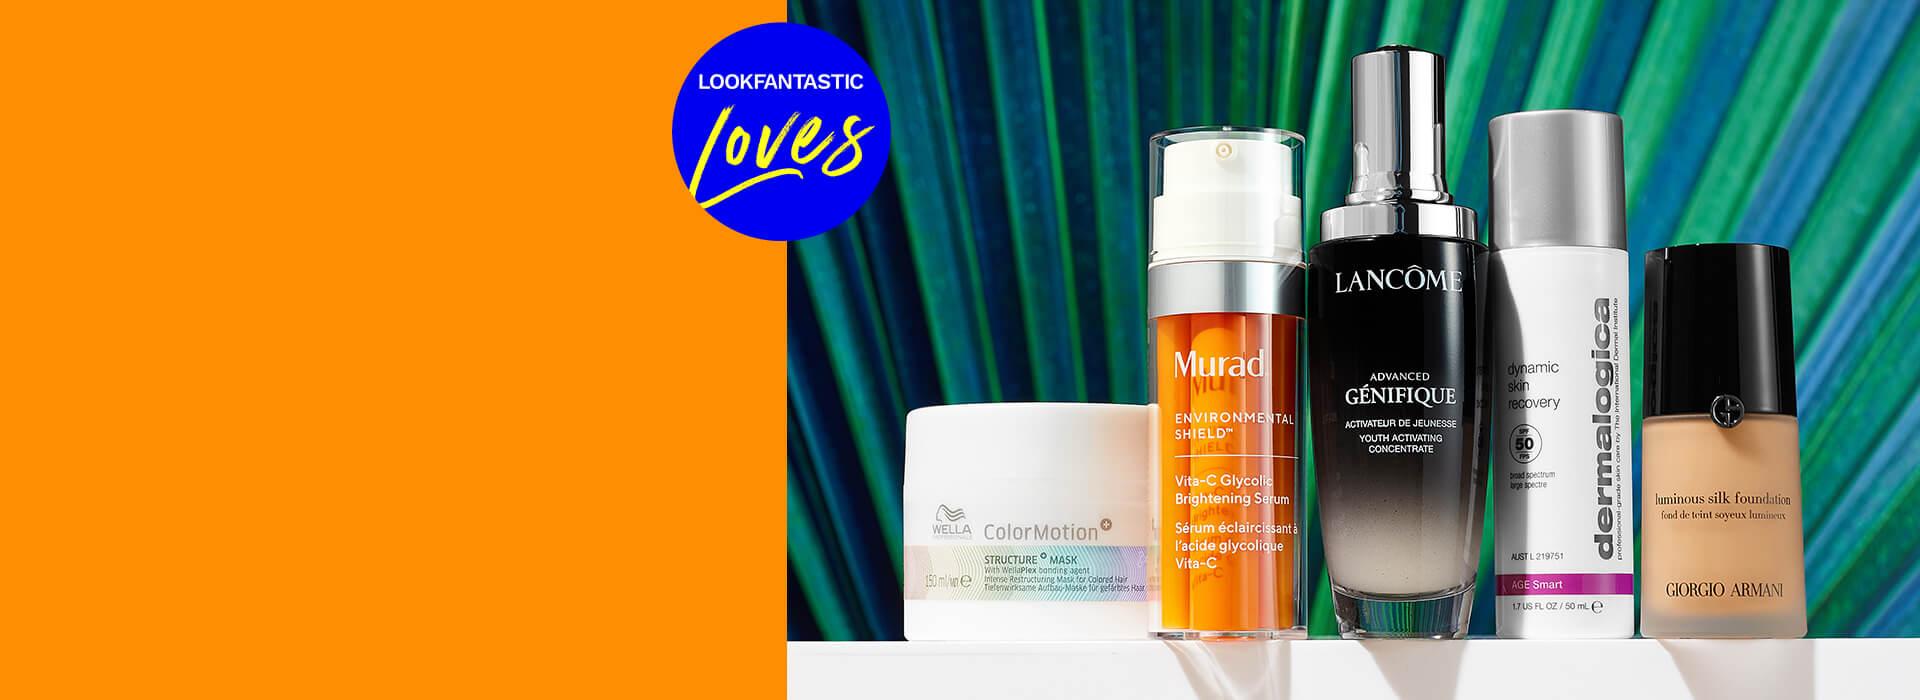 Vous trouverez ici tout ce qu'il lui faut, de produits de rasage a parfumerie en passant par les soins de la peau. Avec des marques populaires telles que <b>Clinique, Bulldog</b> et <b>American Crew</b>.